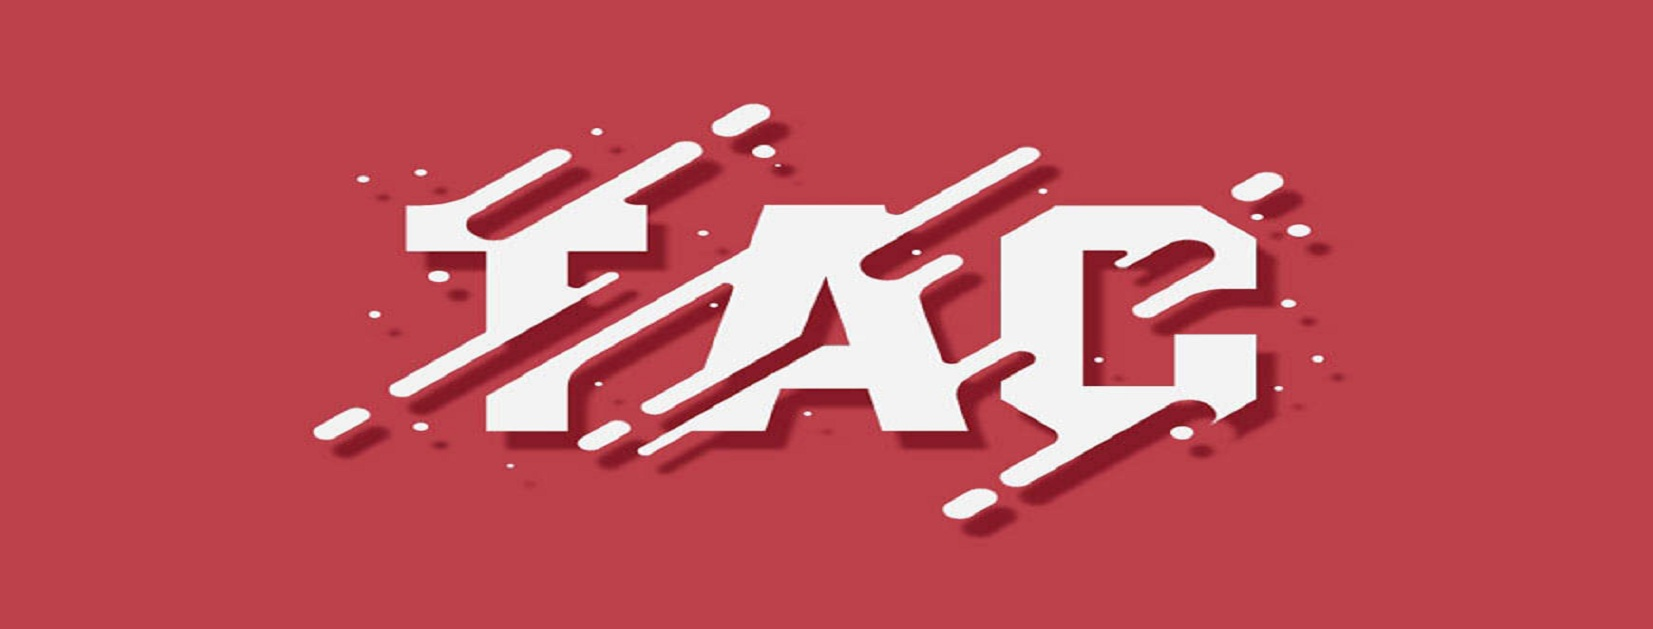 文字设计,设计碎片化的融化字体教程